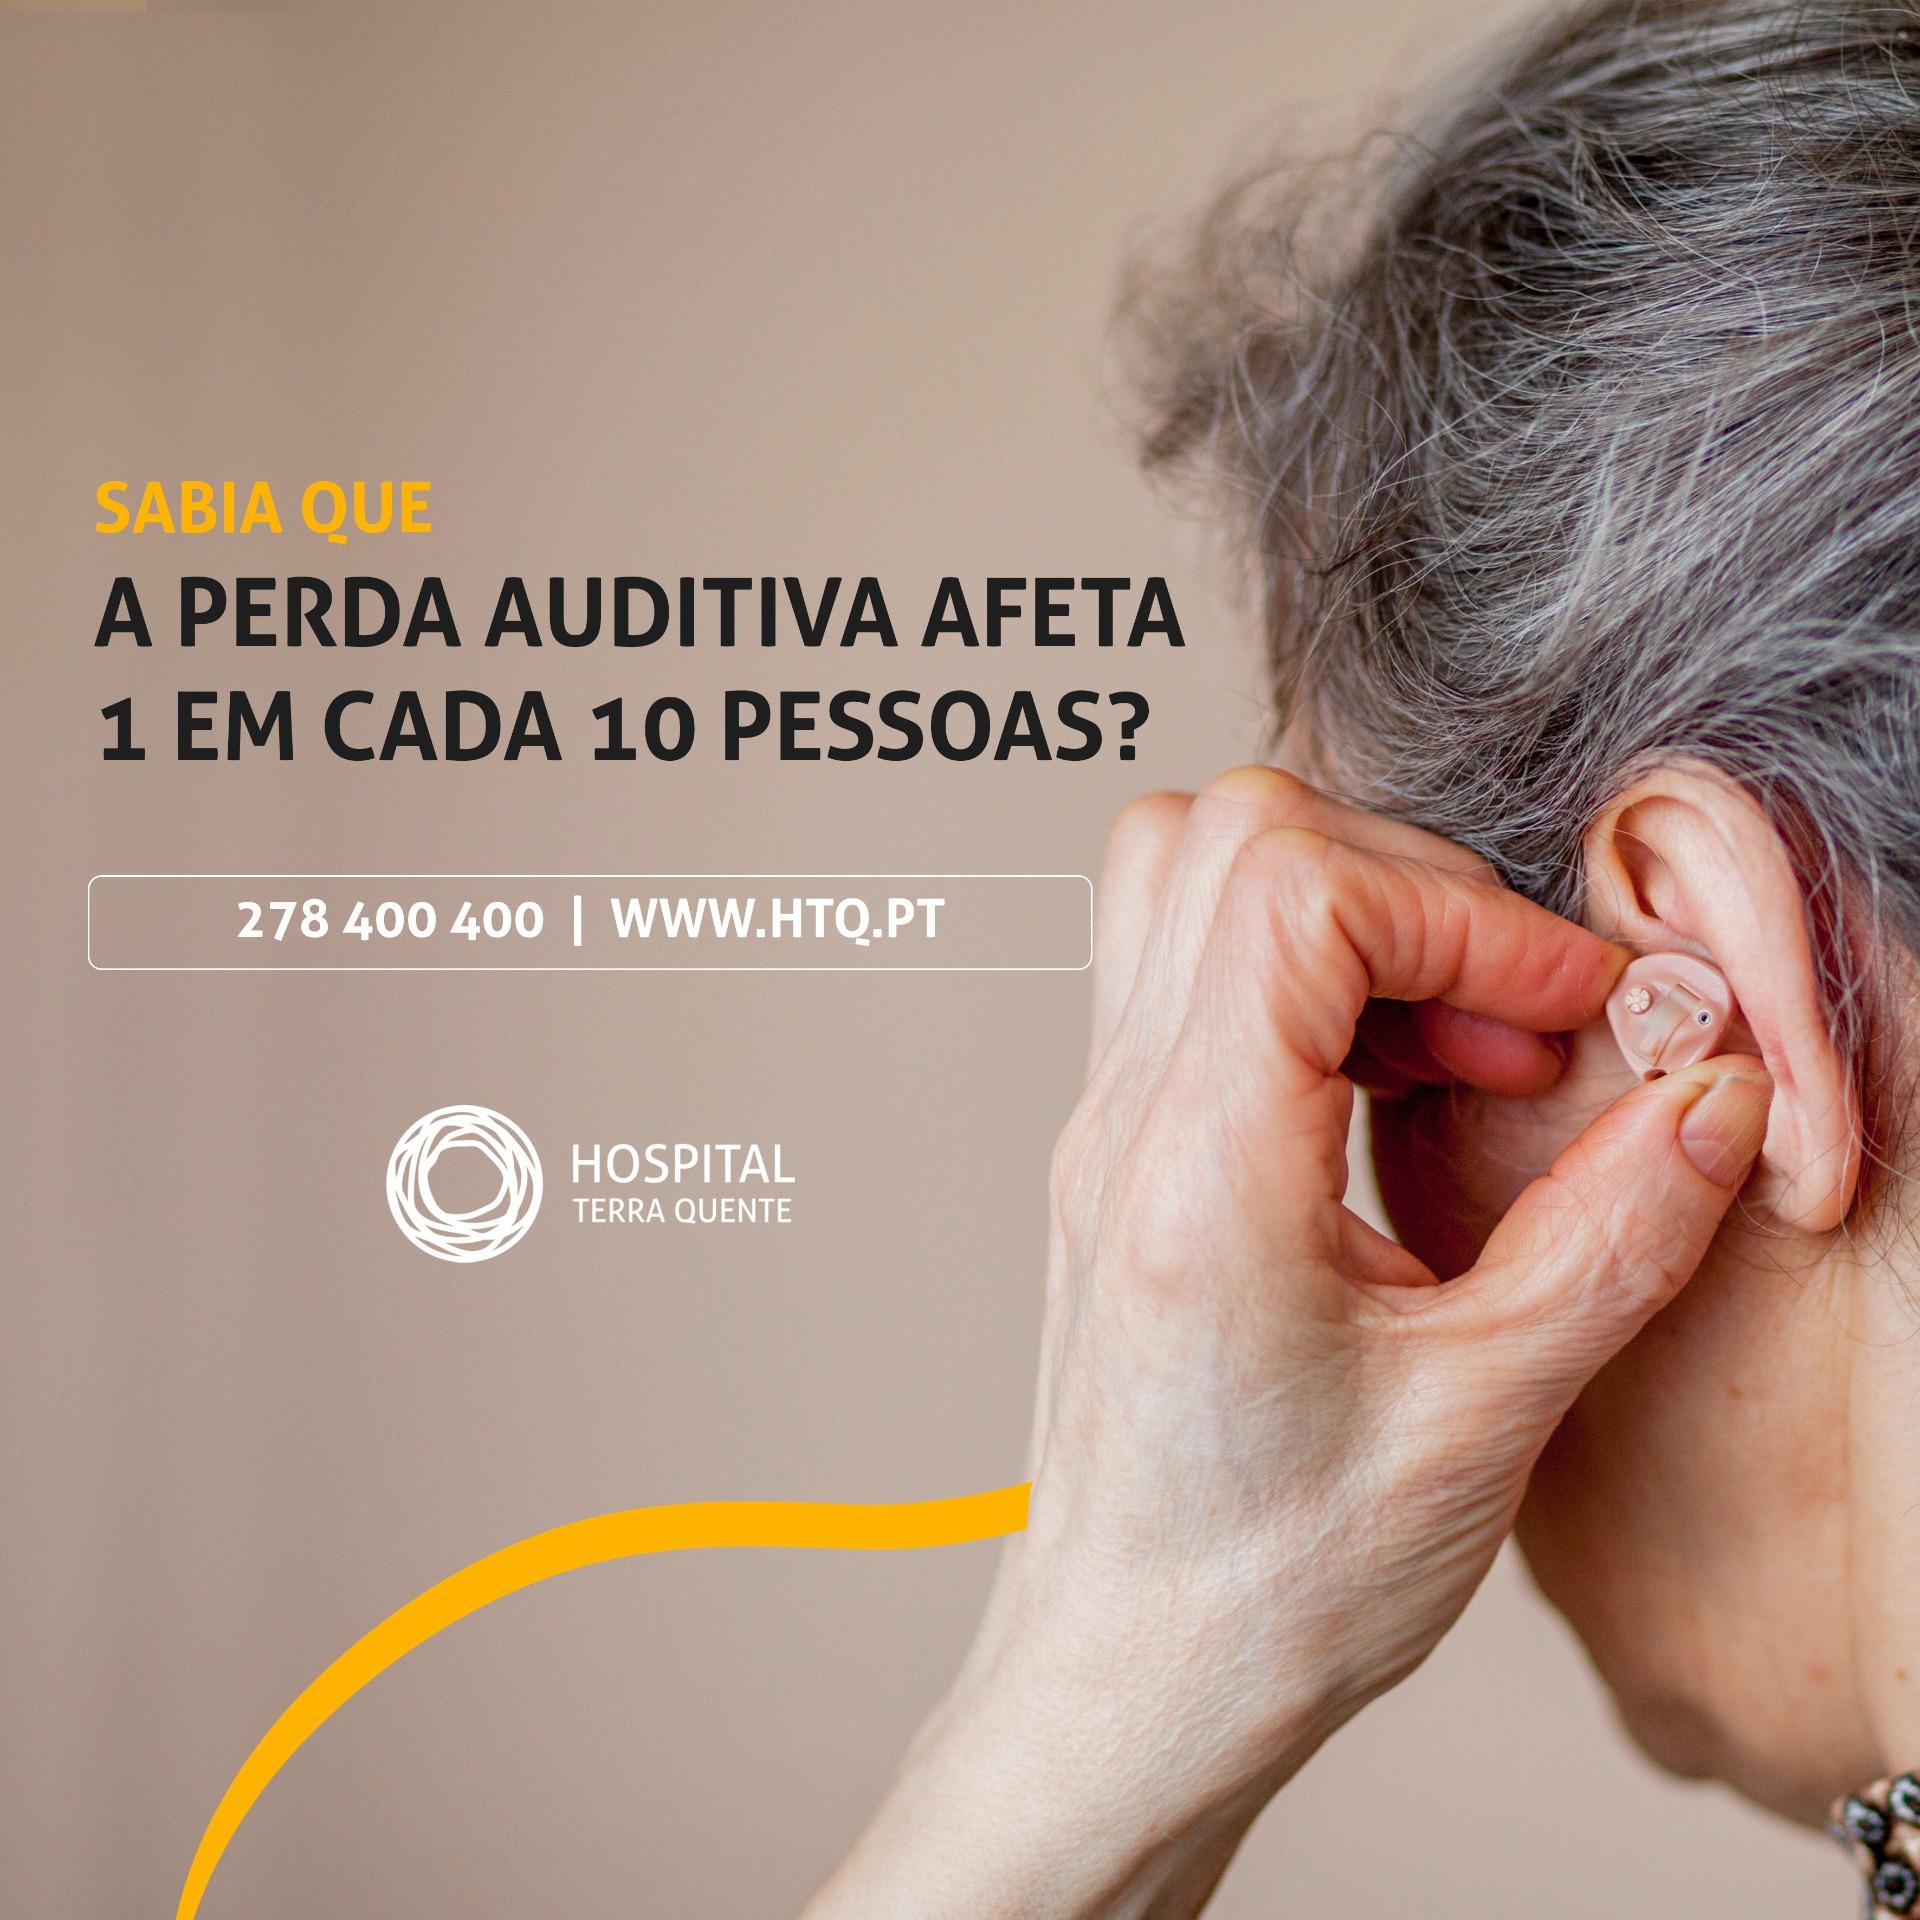 Sabia que a perda auditiva afeta 1 em cada 10 pessoas?